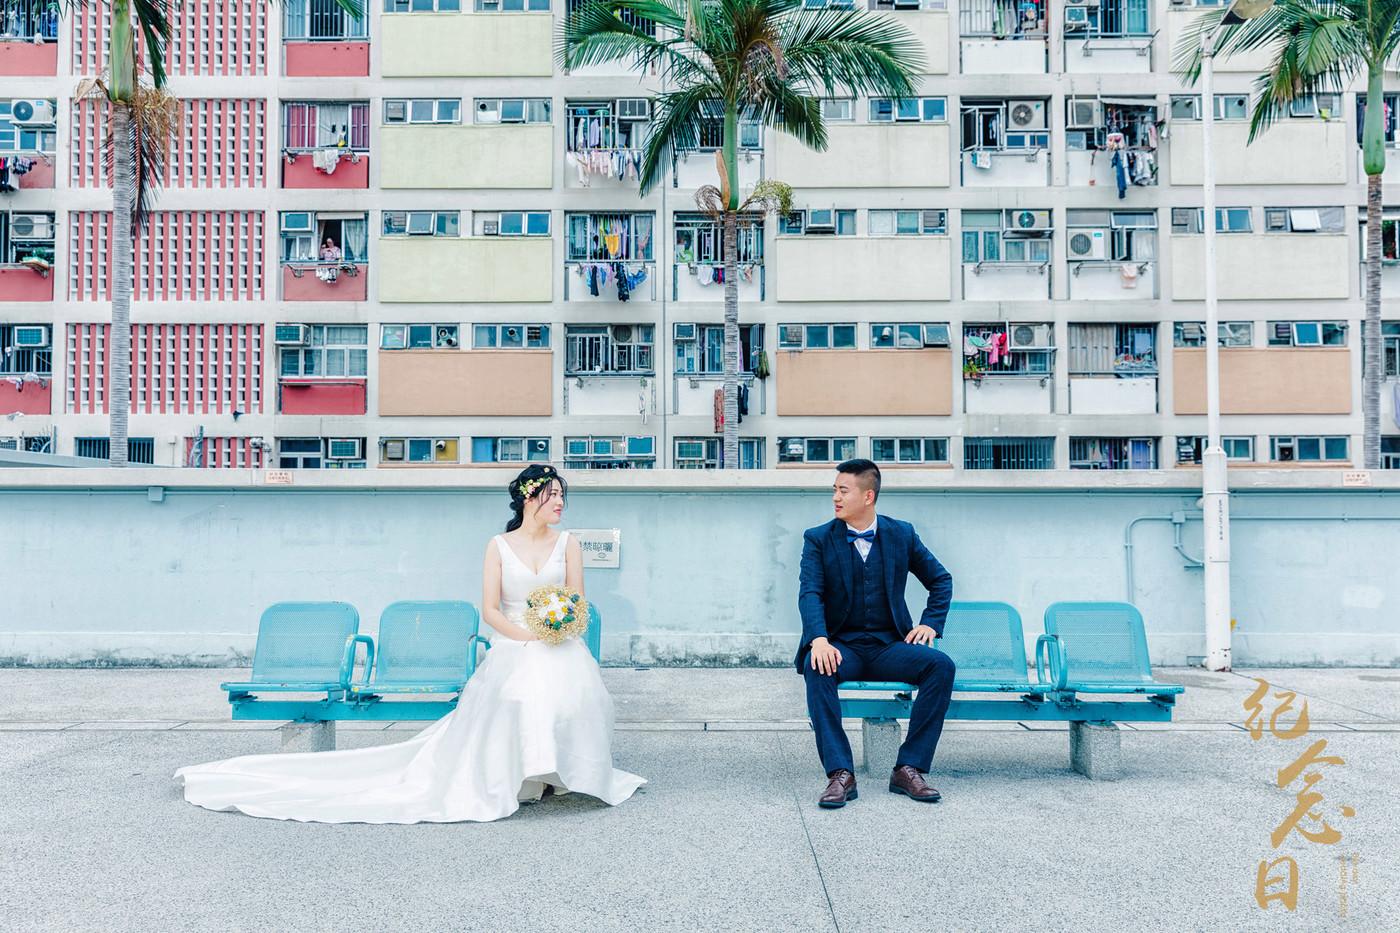 香港旅拍 | 昭甫&梦迪22